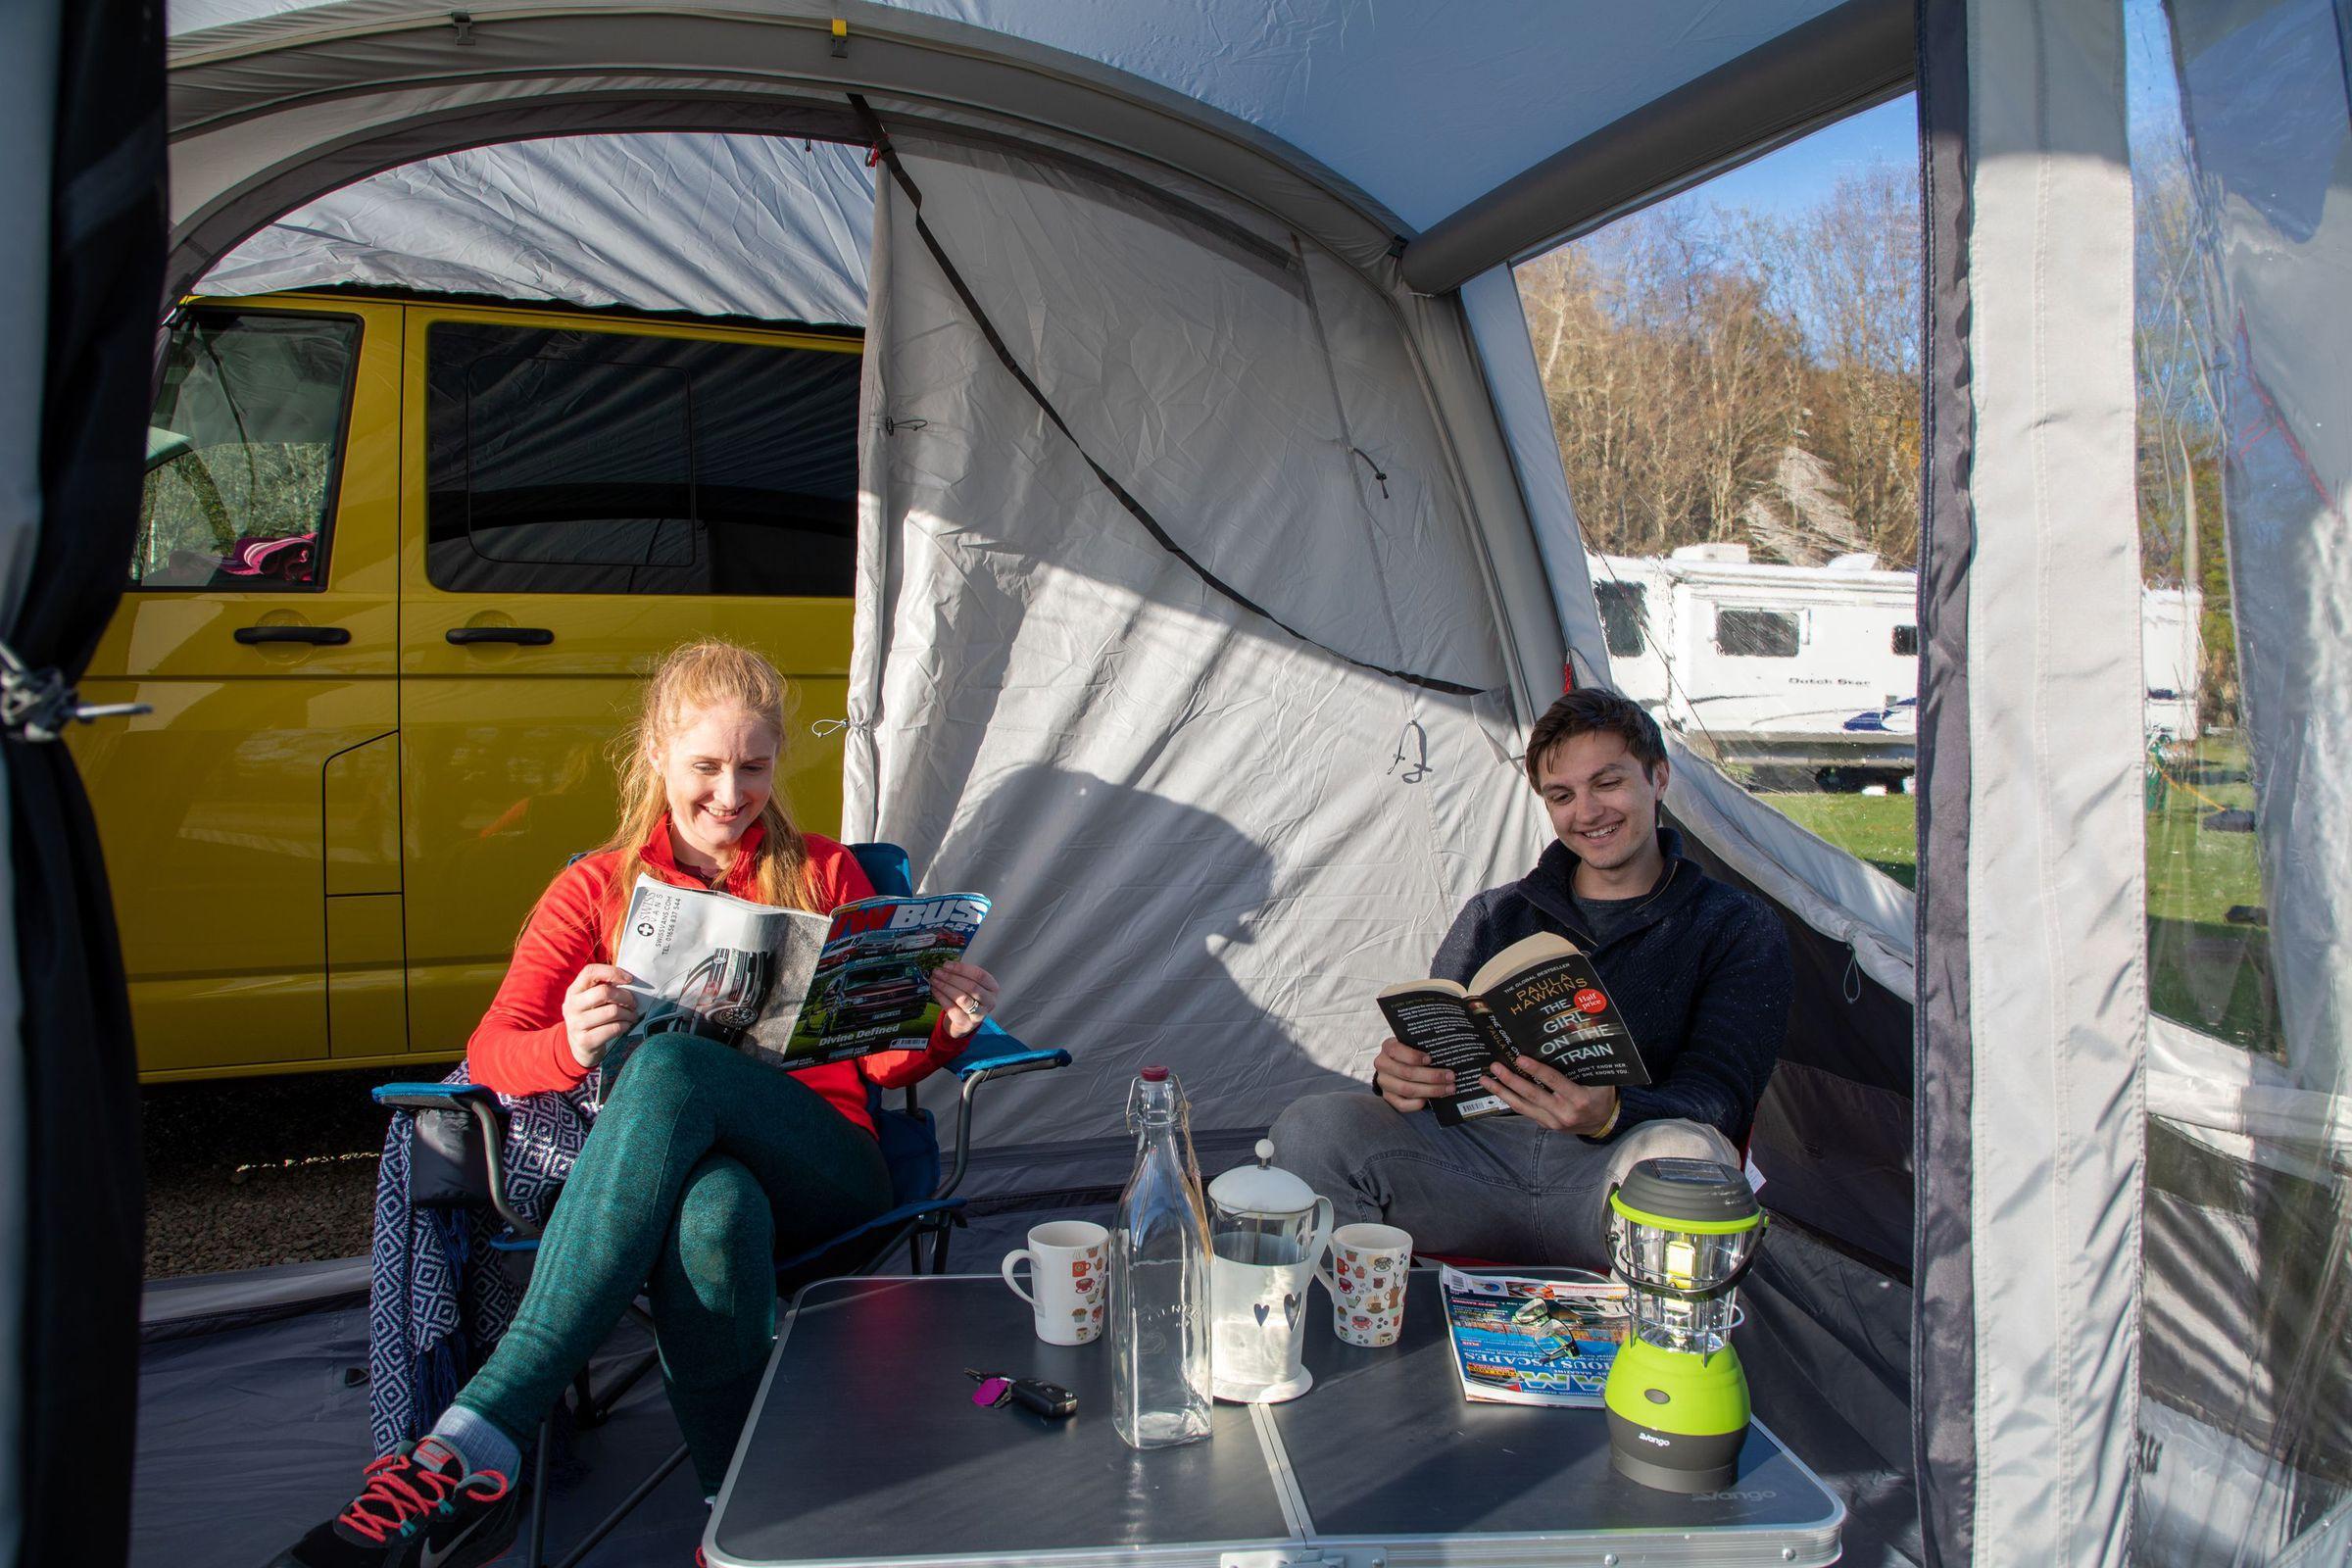 Vango Tolga Vw Low Driveaway Awning Norwich Camping11